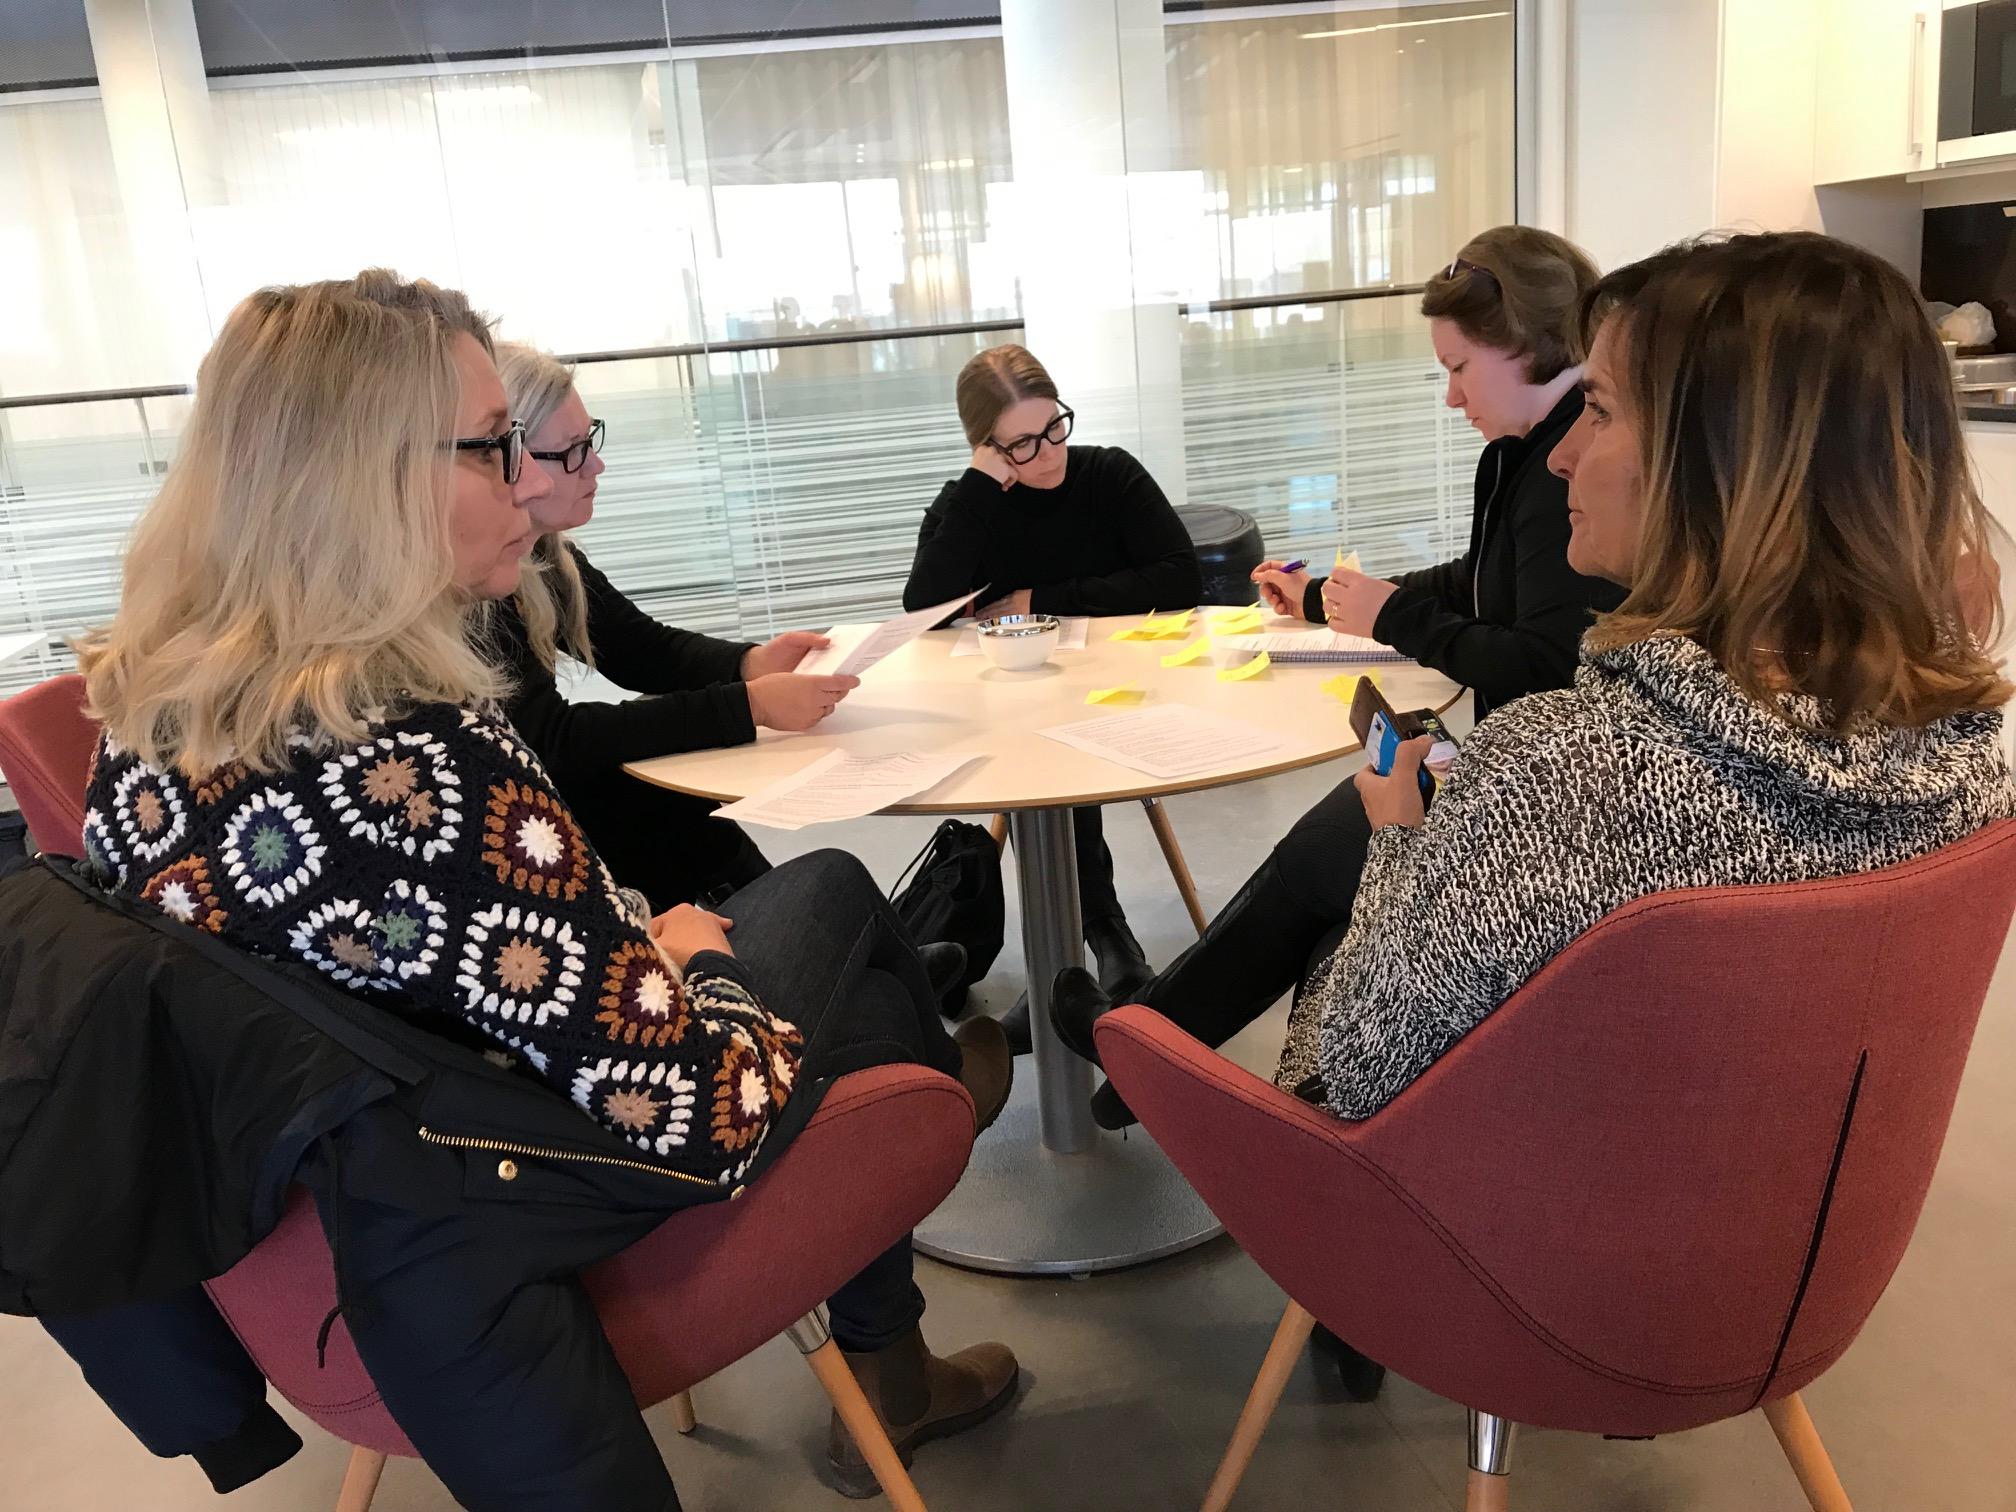 Workshopens deltagare diskuterar i grupp